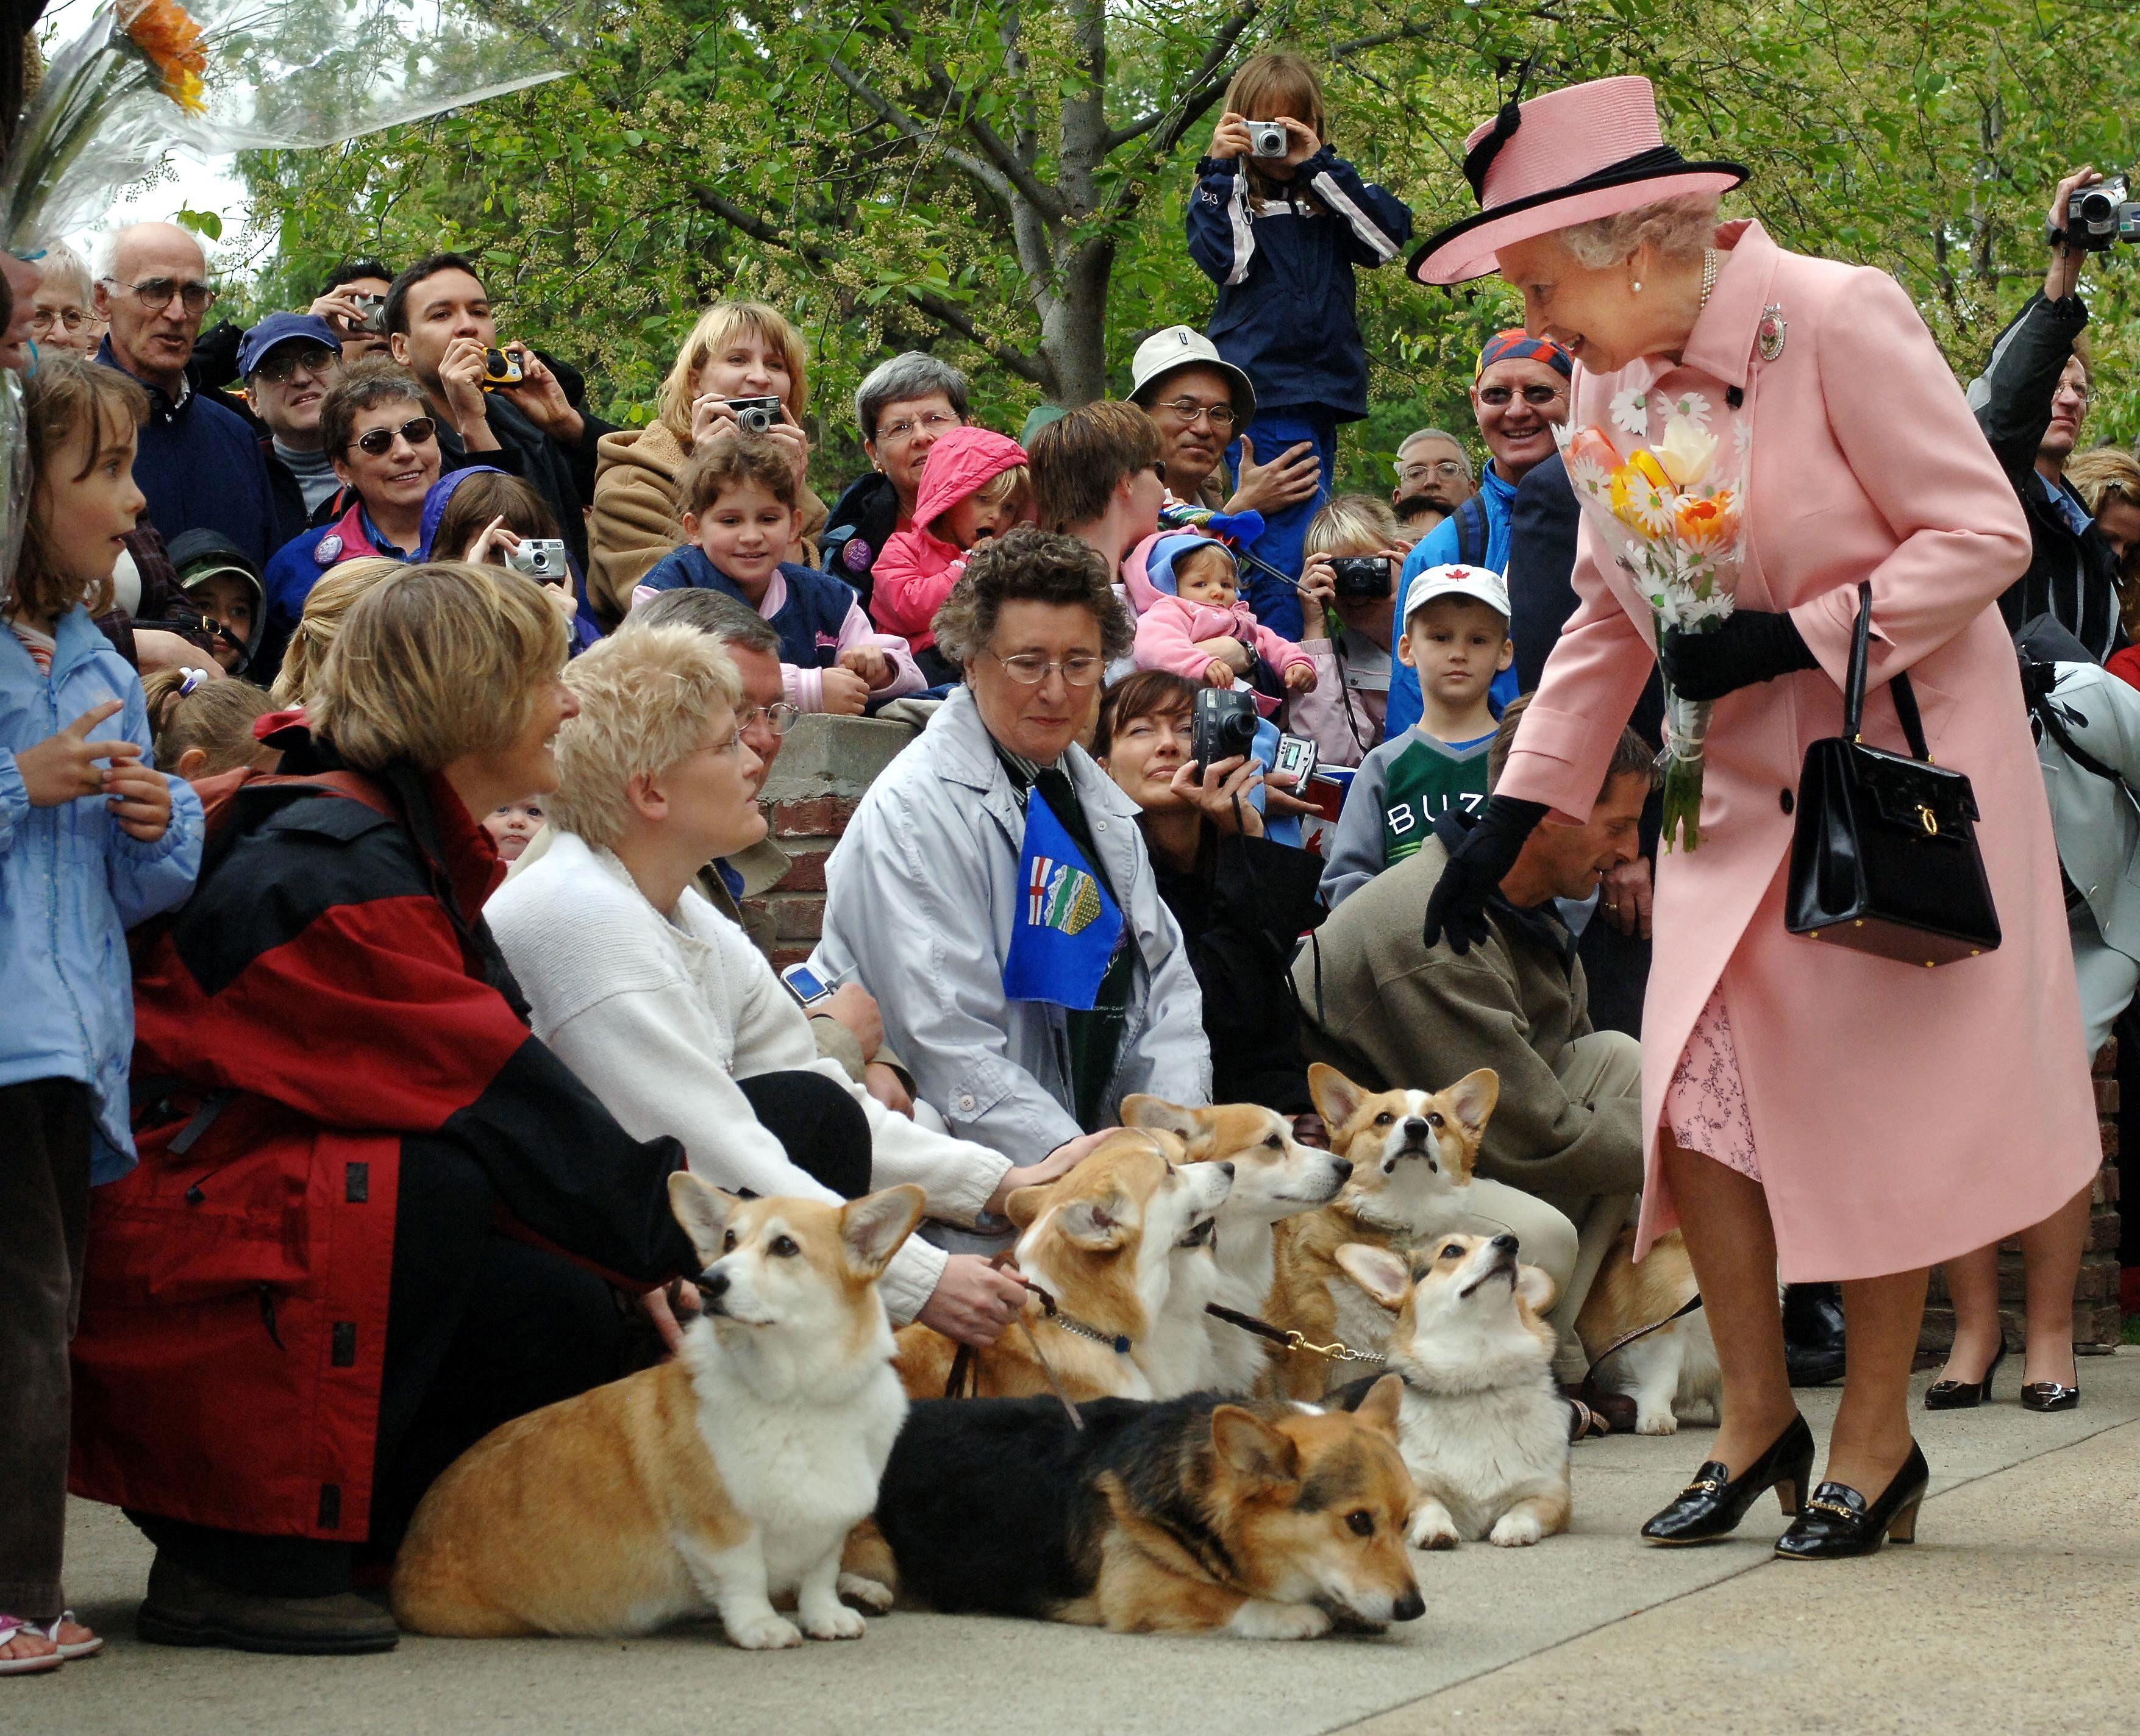 Royalty - Queen Elizabeth II Visit to Canada